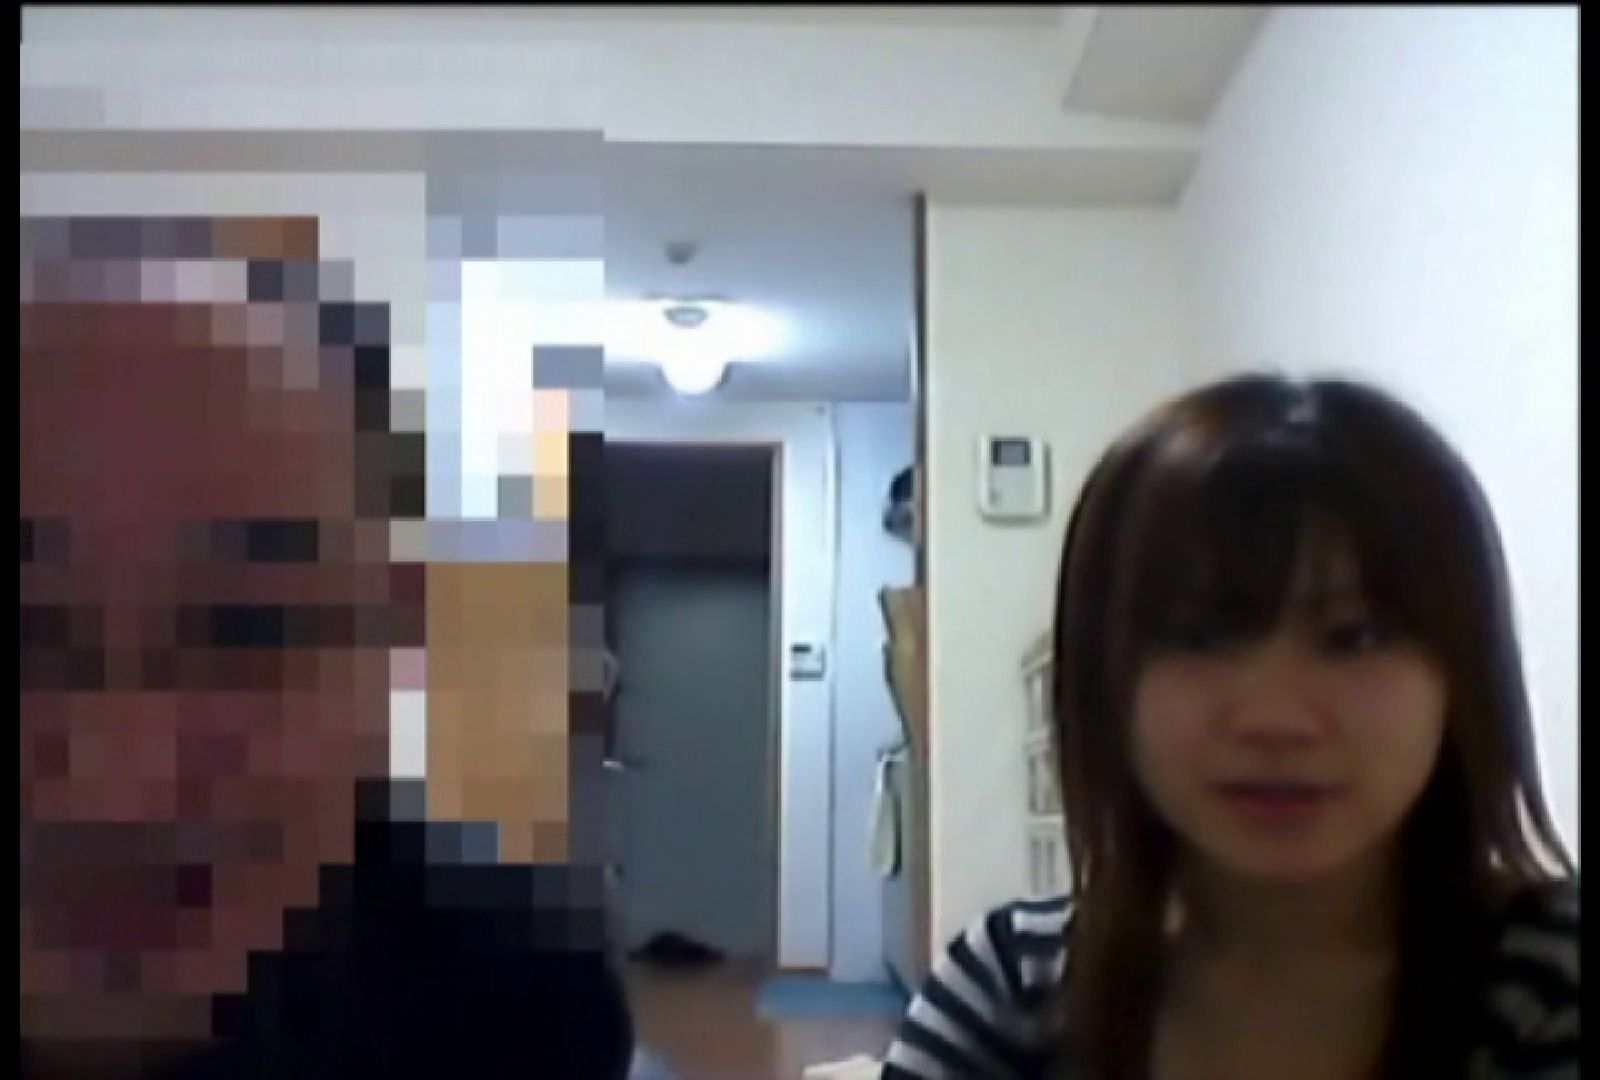 電魔王さんの「盗撮の部屋」No.1 りかこVol.3 盗撮  61pic 24